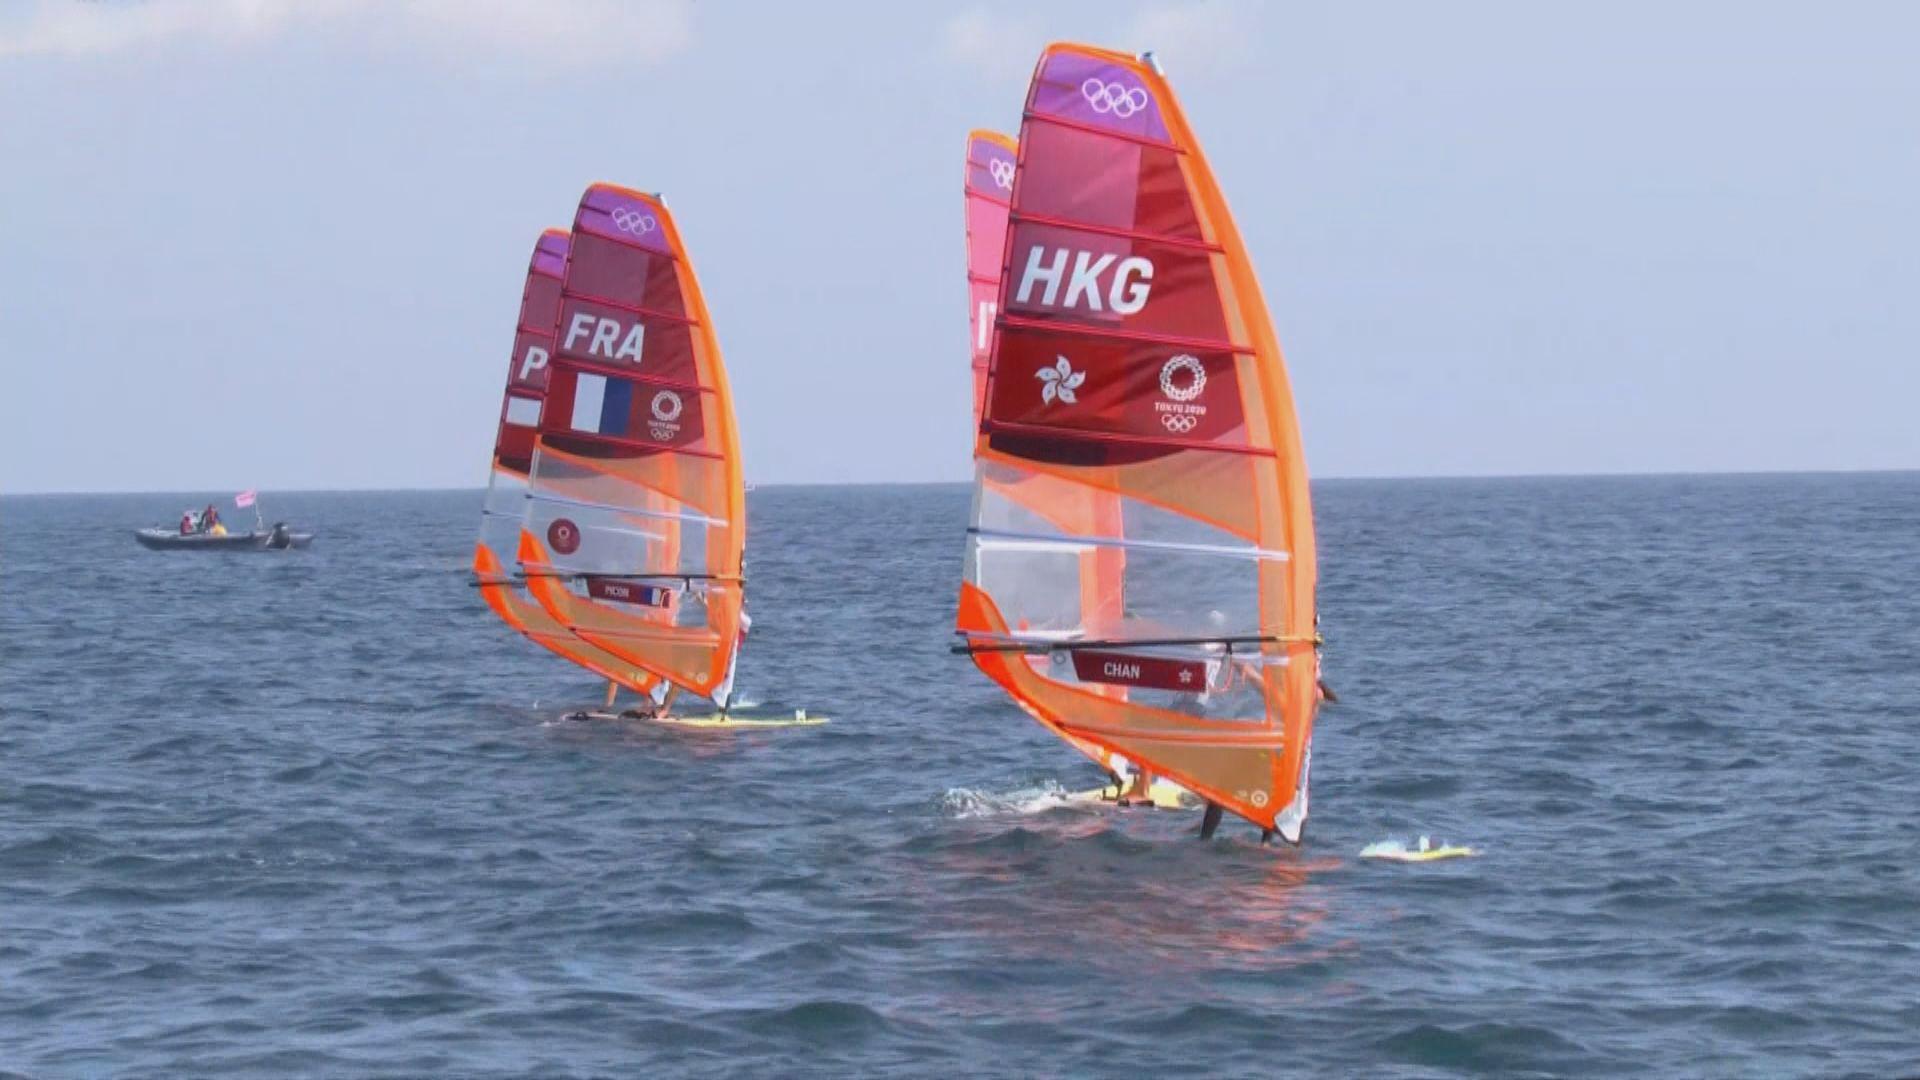 奧運女子滑浪風帆 港隊陳晞文總成績排第八